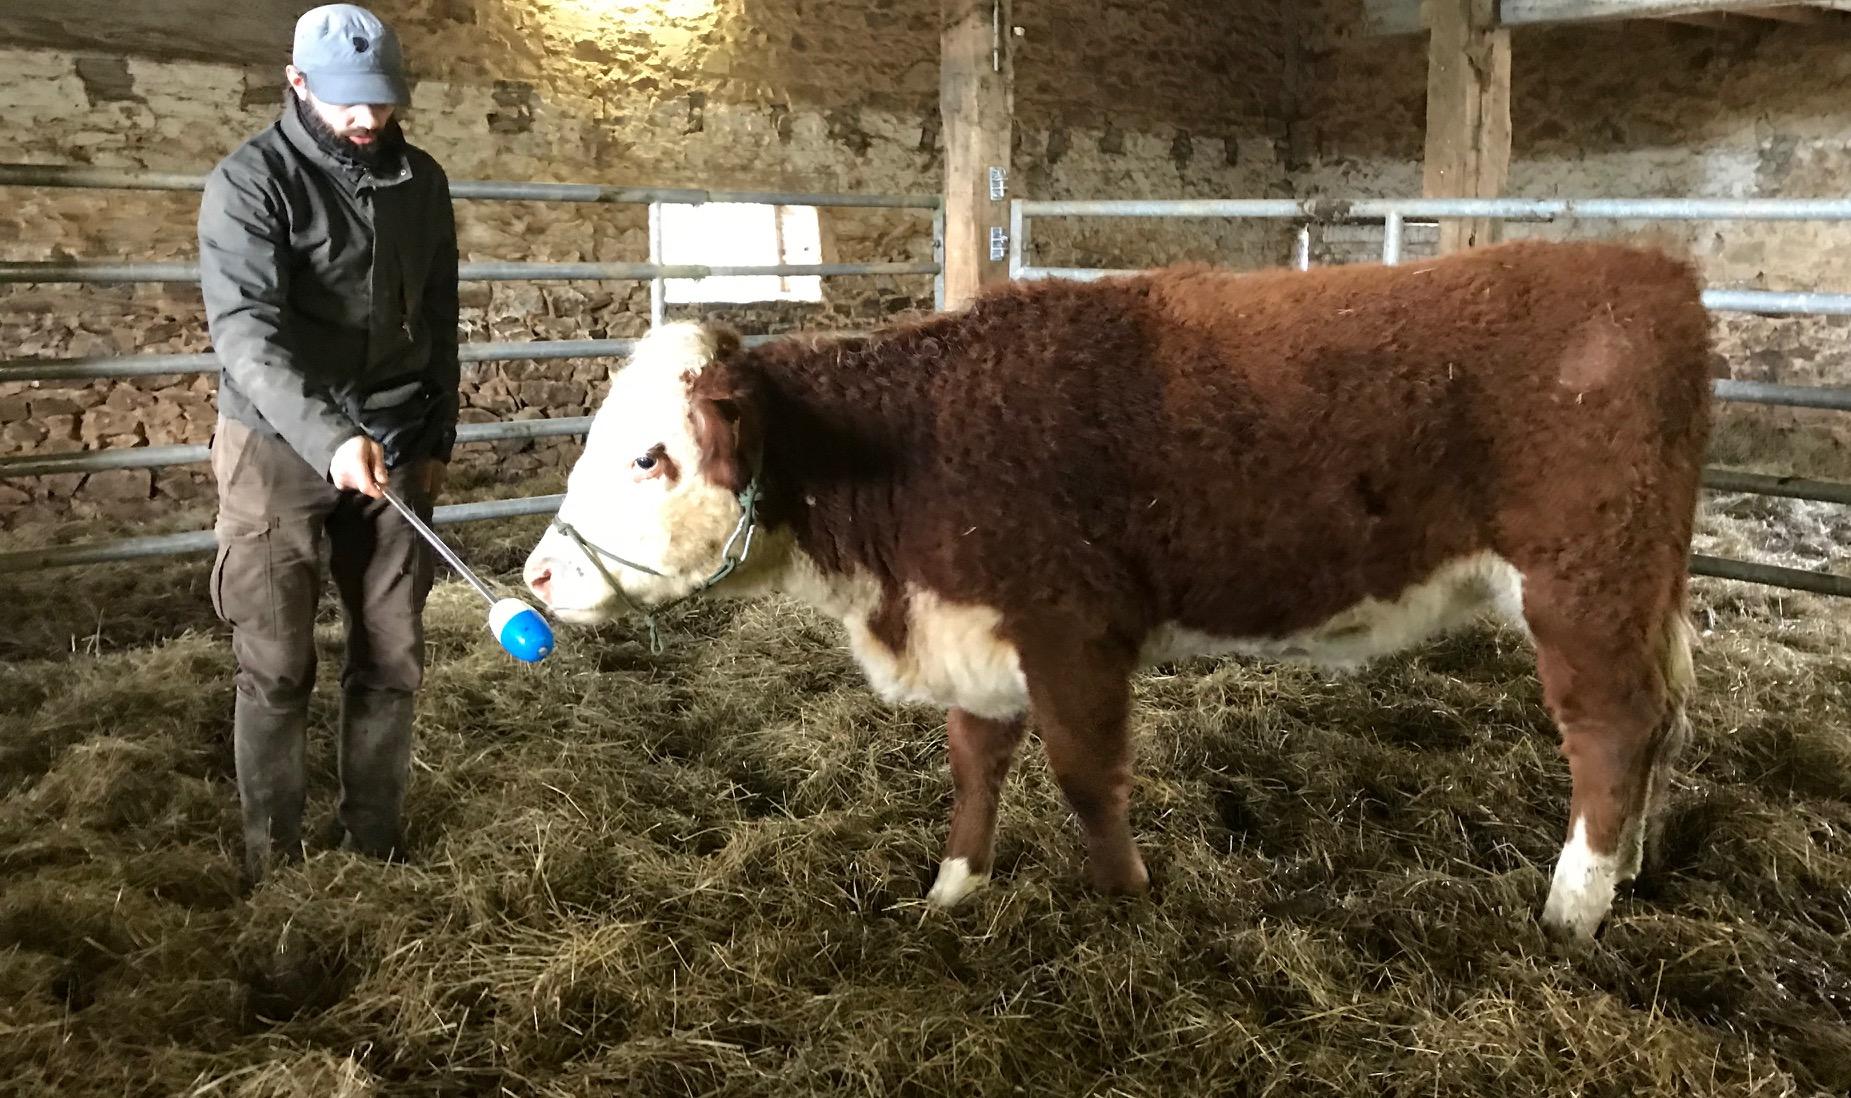 conseils aupr u00e8s d u0026 39  u00e9leveurs de vaches hereford